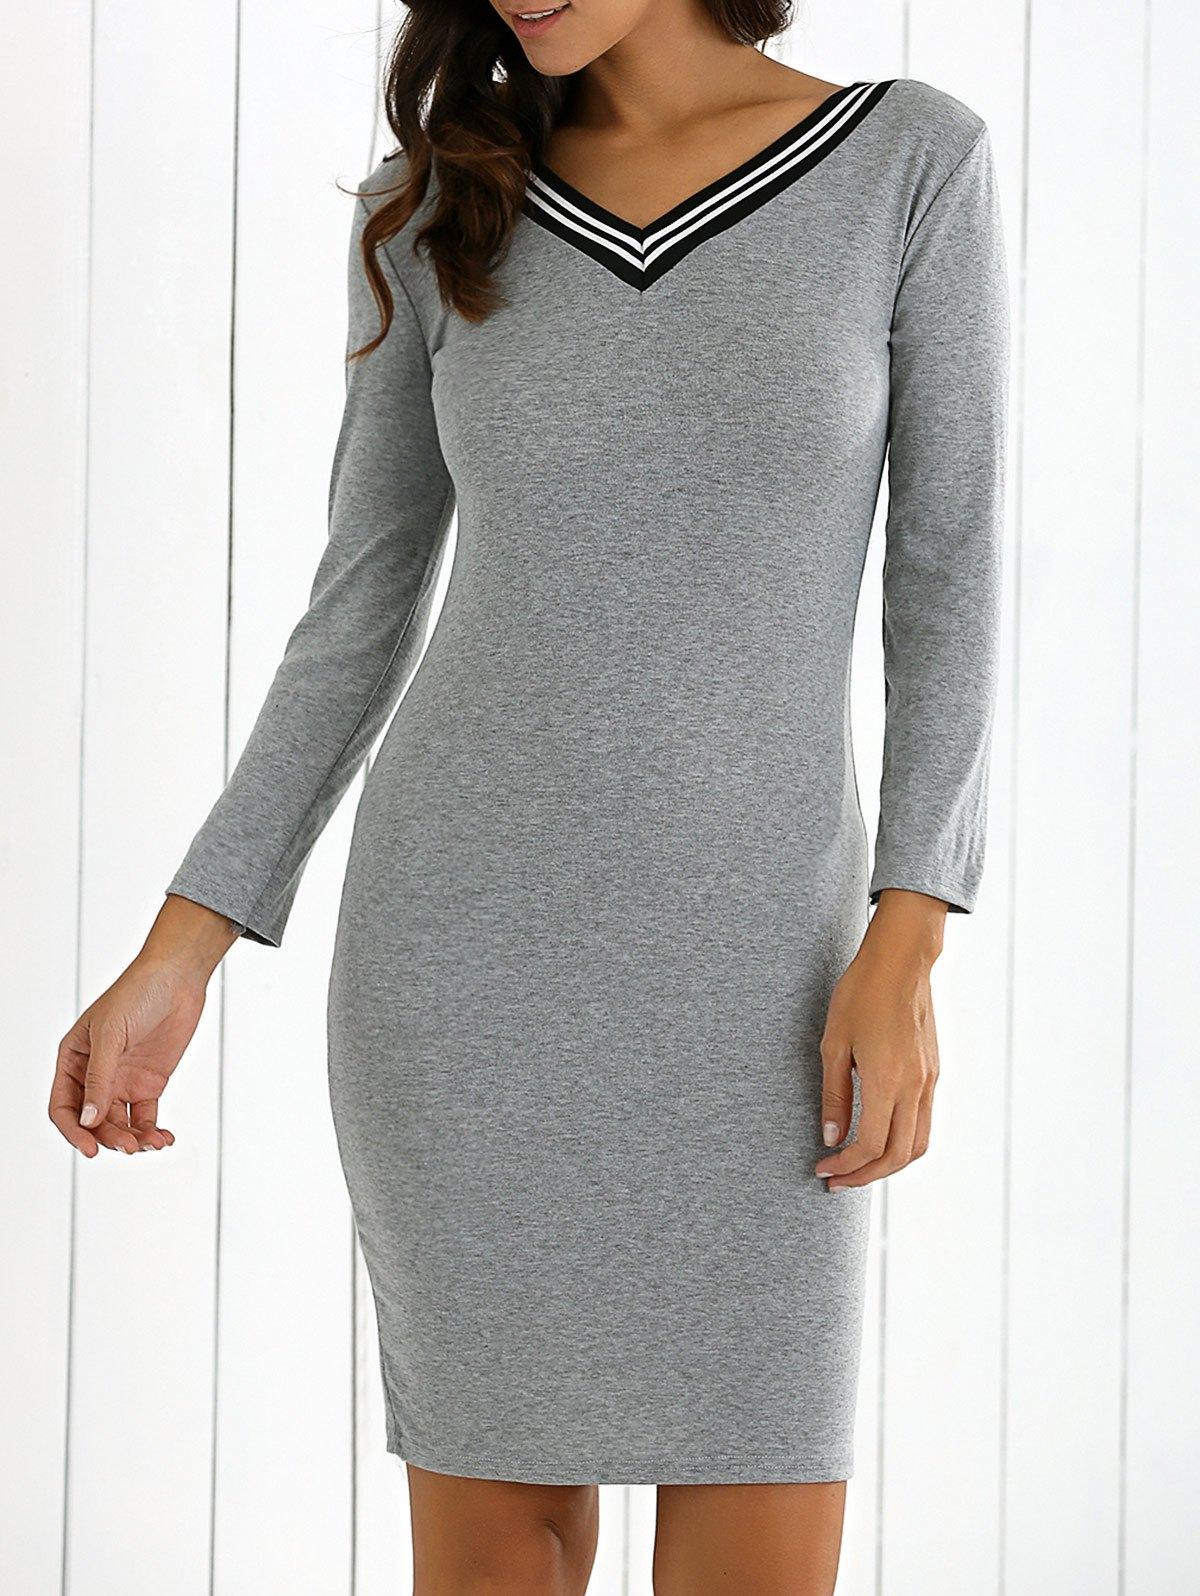 Long Sleeves V-Neck Sweater Dress